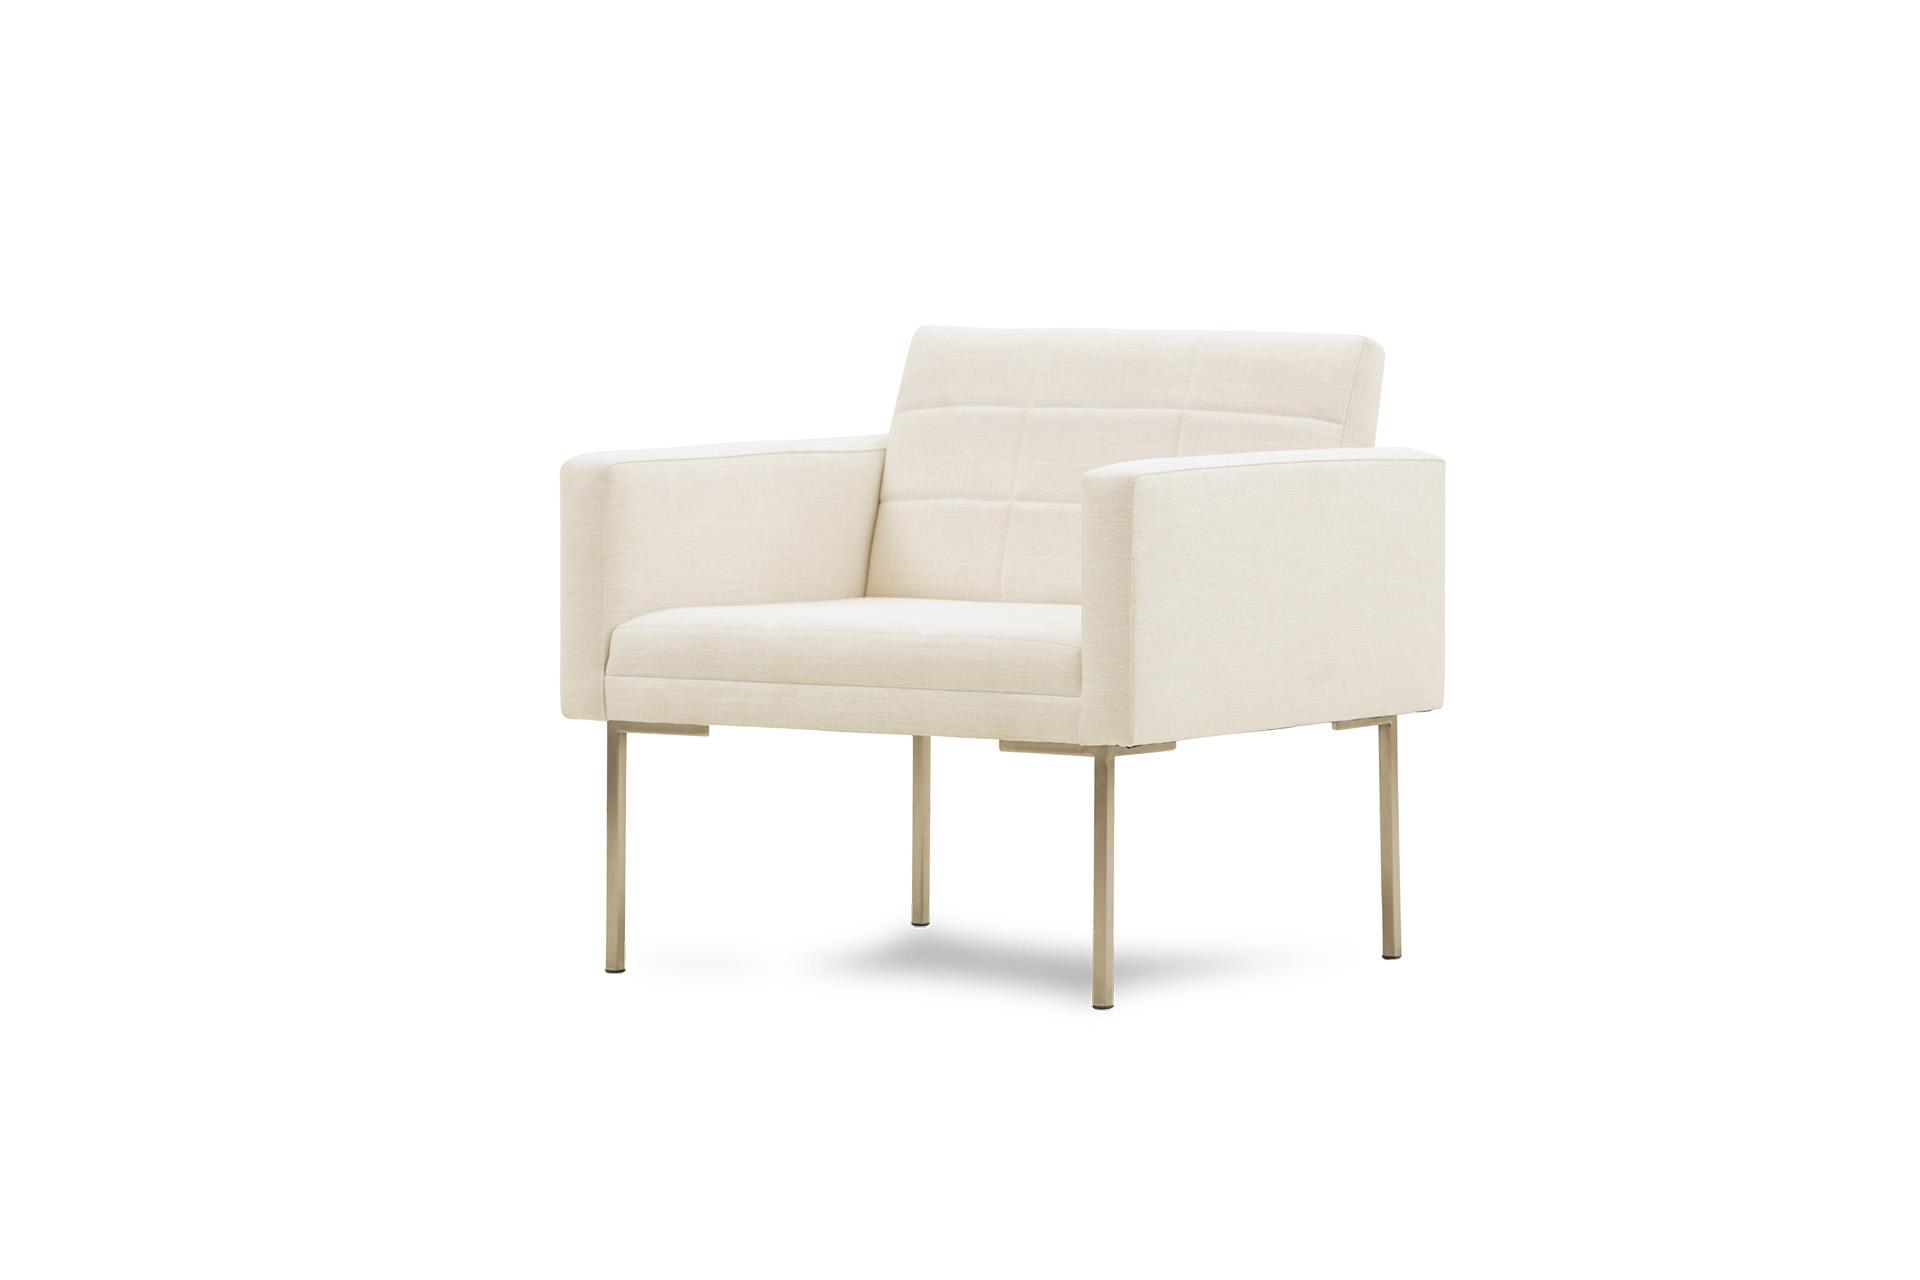 Montlake Chair